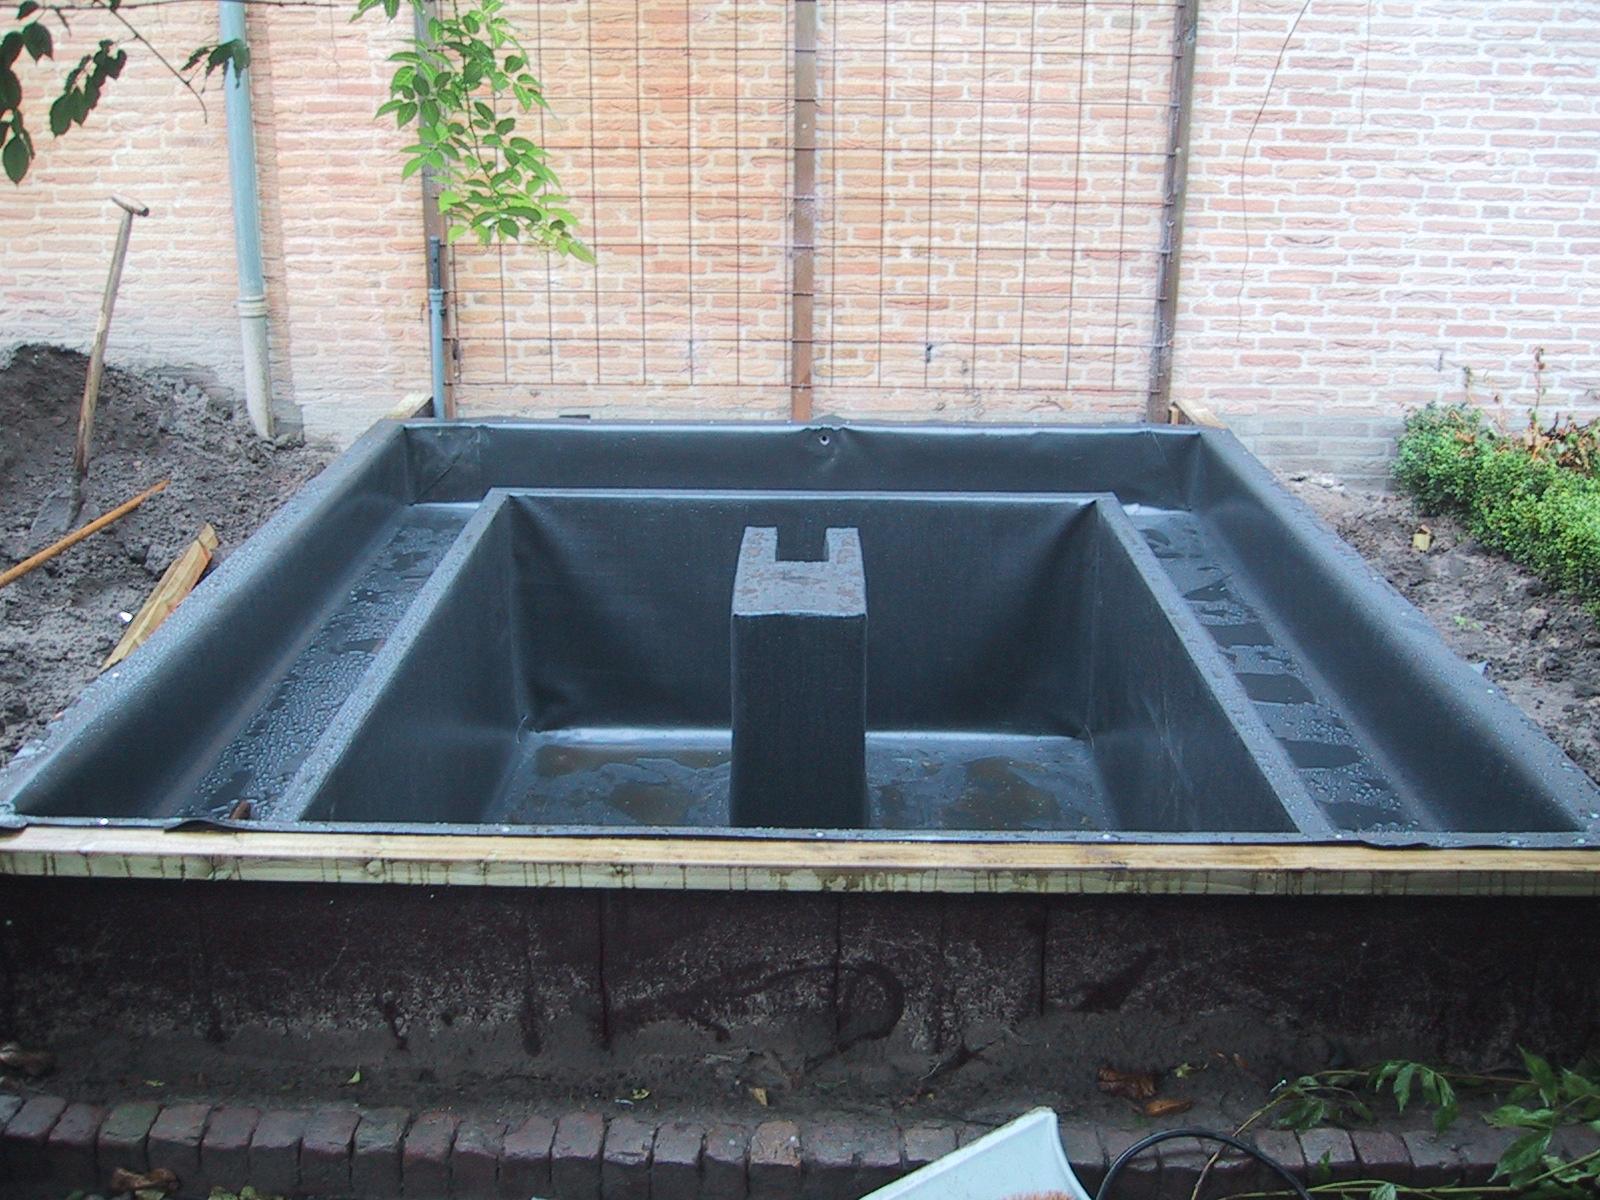 aanleg vijver aldak bvba dakbedekkingen